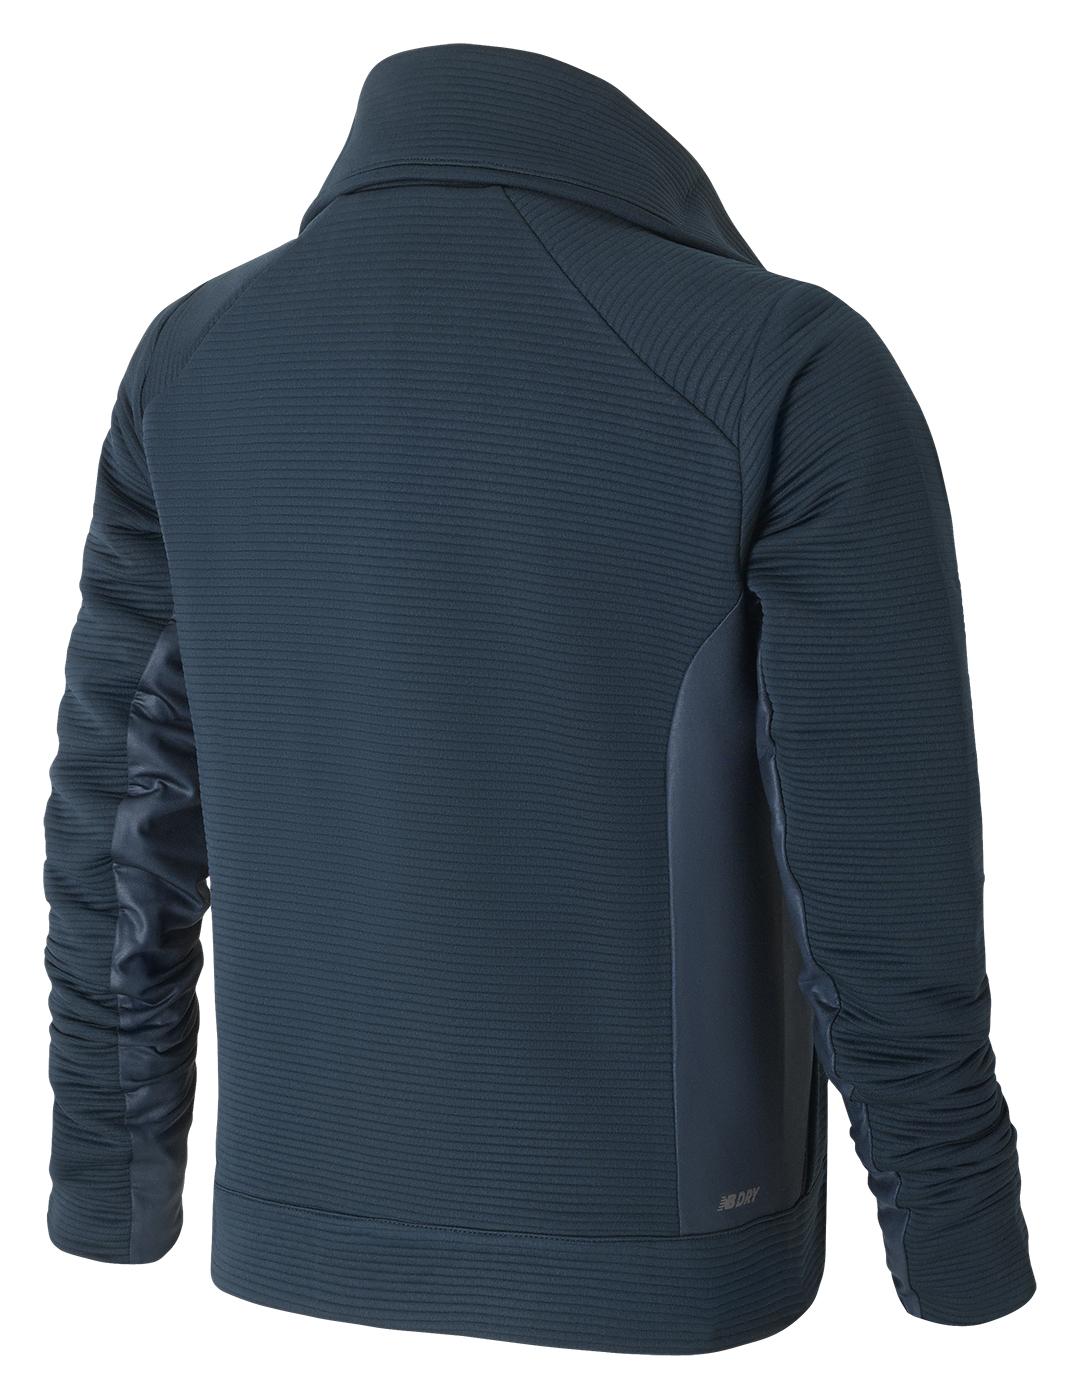 0128_fashion-Jacket__MD_GALAXY-CASTAWAY-BRIGHT_CHERRY_Back copy.jpg